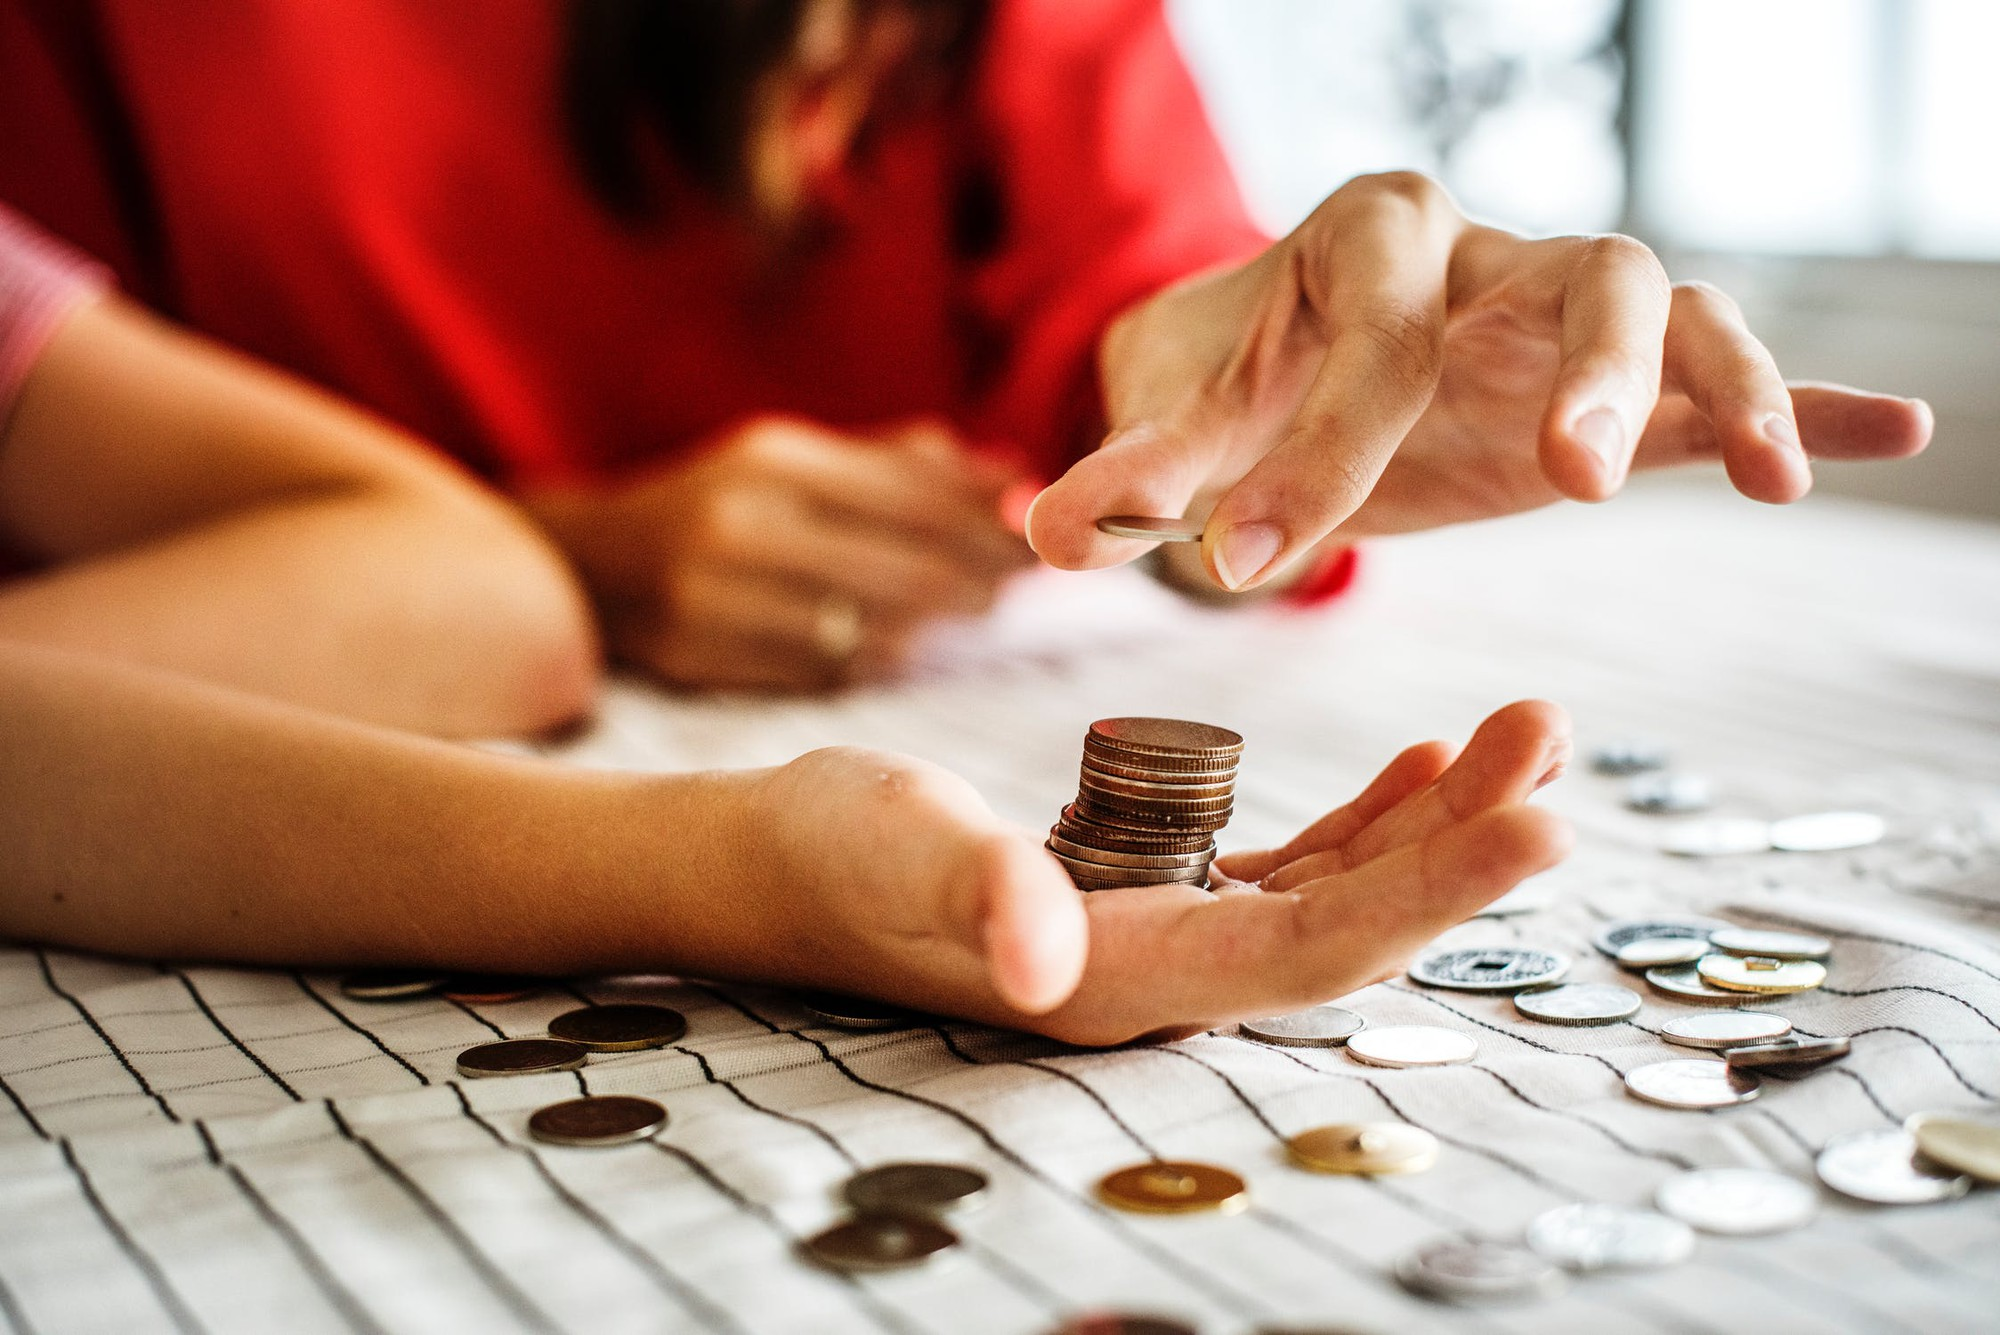 Cách thay đổi tư duy về tiền sẽ giúp bạn quản lý tài chính tốt hơn - Ảnh 2.